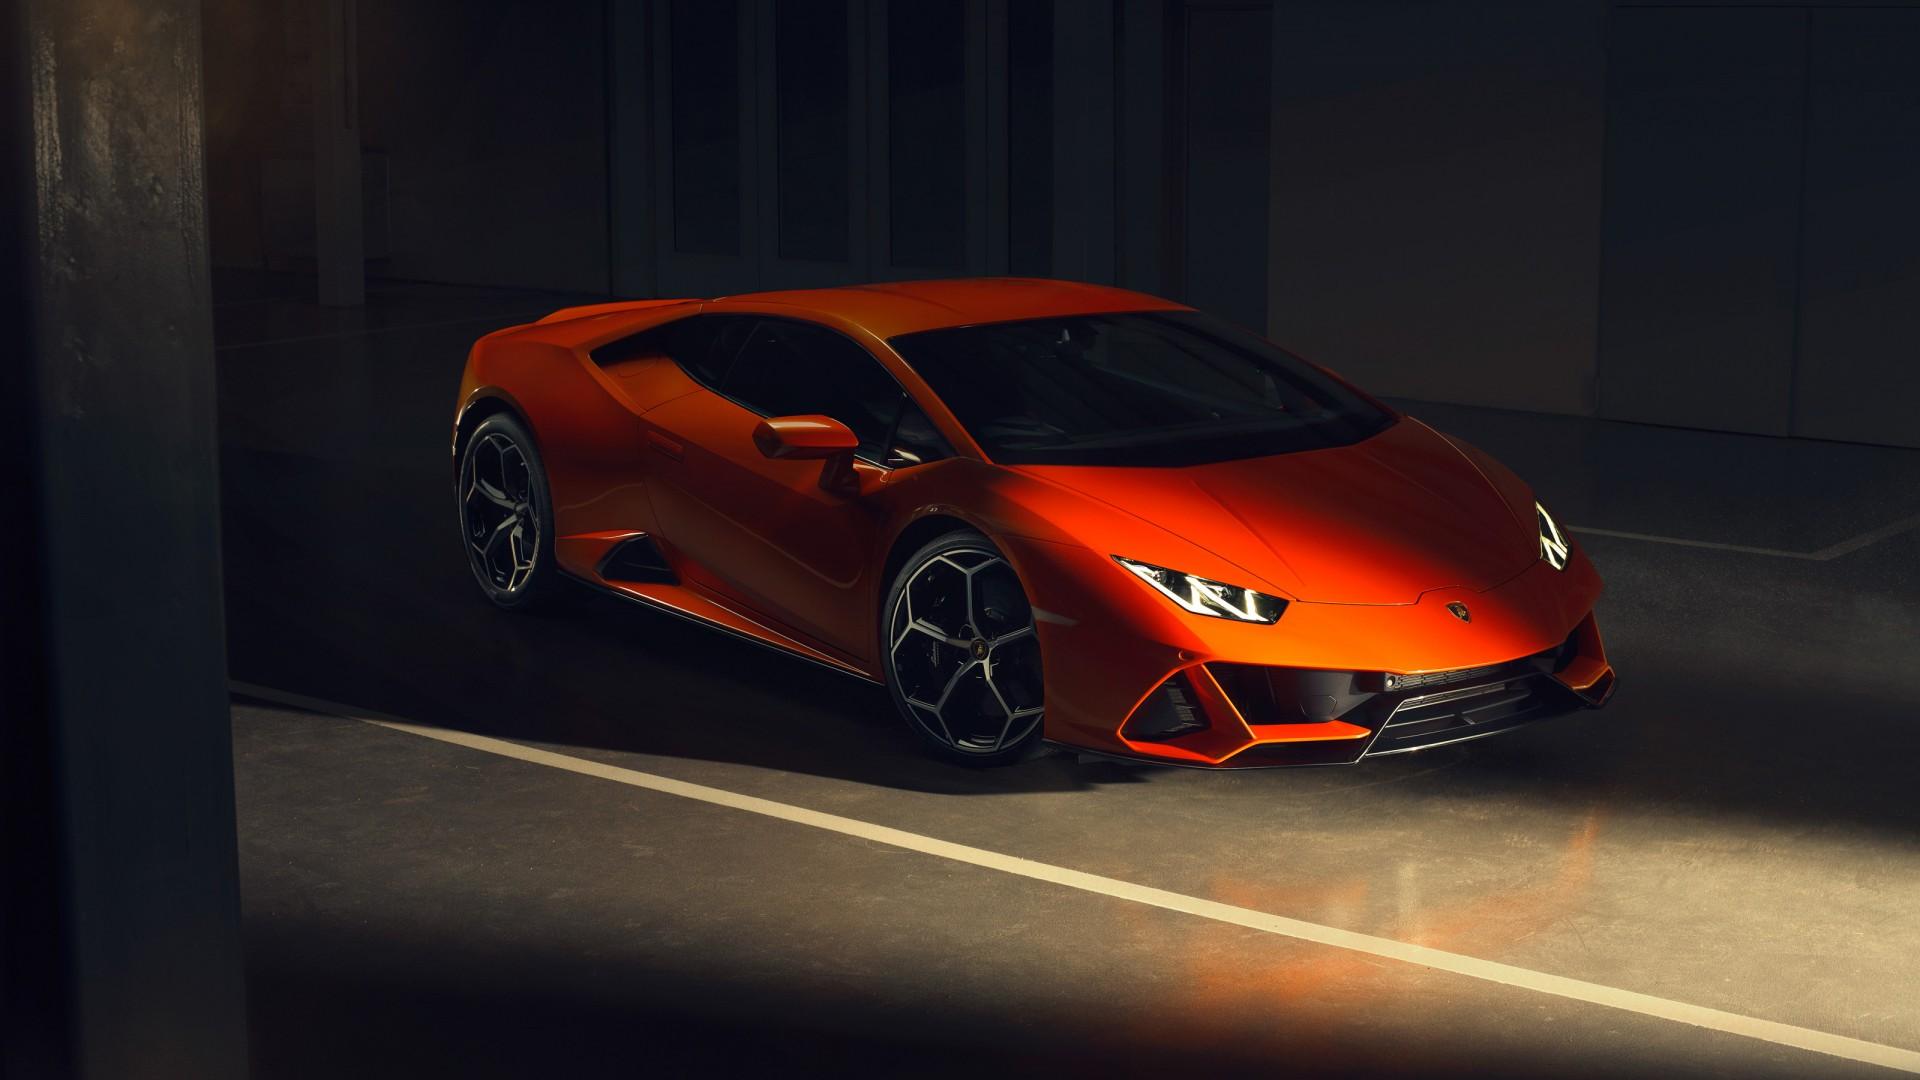 Lamborghini Huracan EVO 2019 4K Wallpaper | HD Car ...